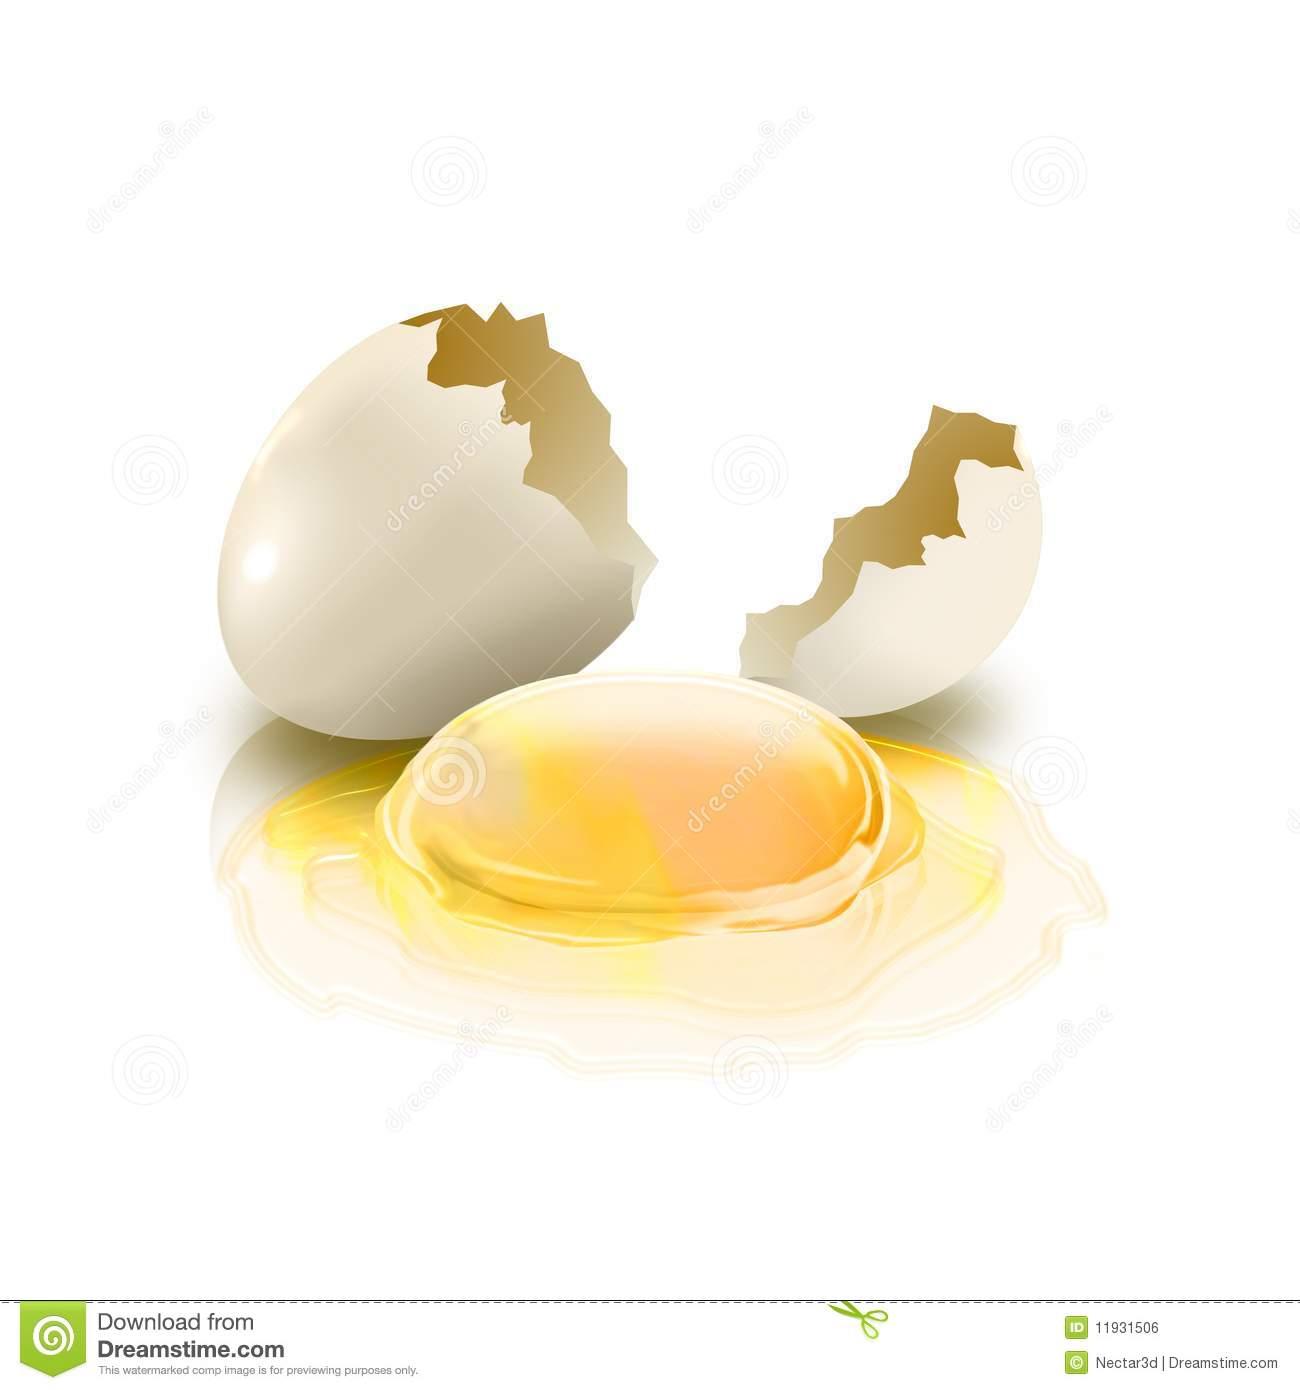 Egg yolk clipart image freeuse library Egg Yolk Royalty Free Stock Image - Image: 11931506 image freeuse library